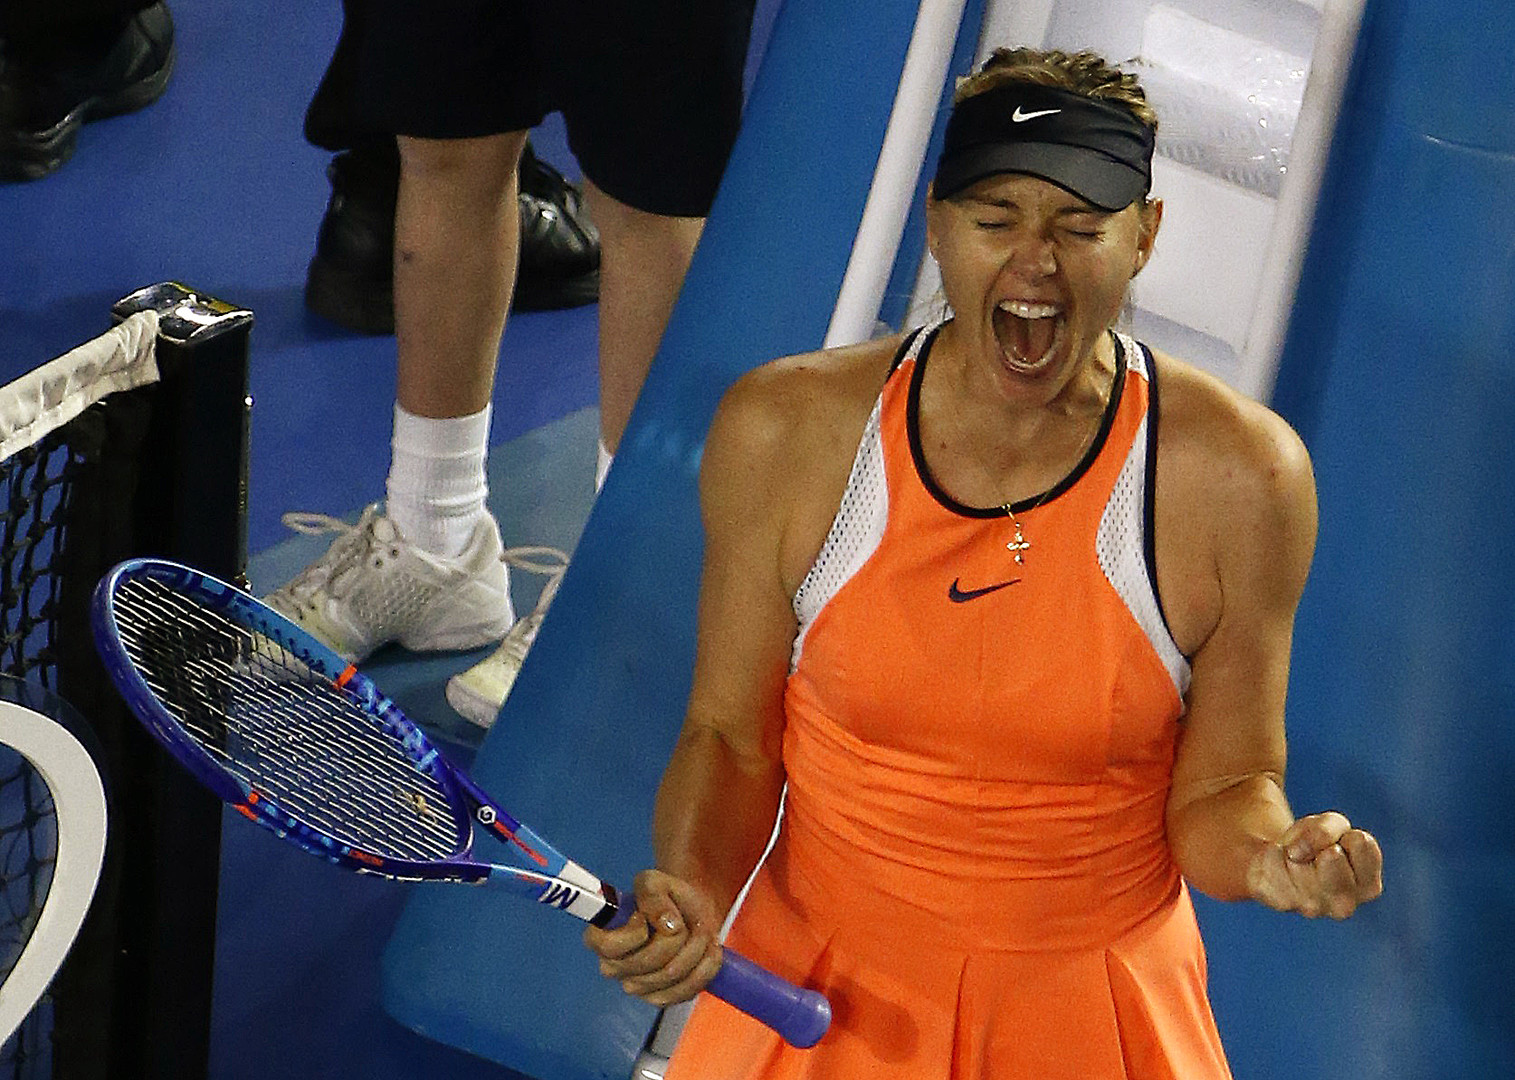 Russischer Tennis-Superstar Sharapova des Dopings überführt?